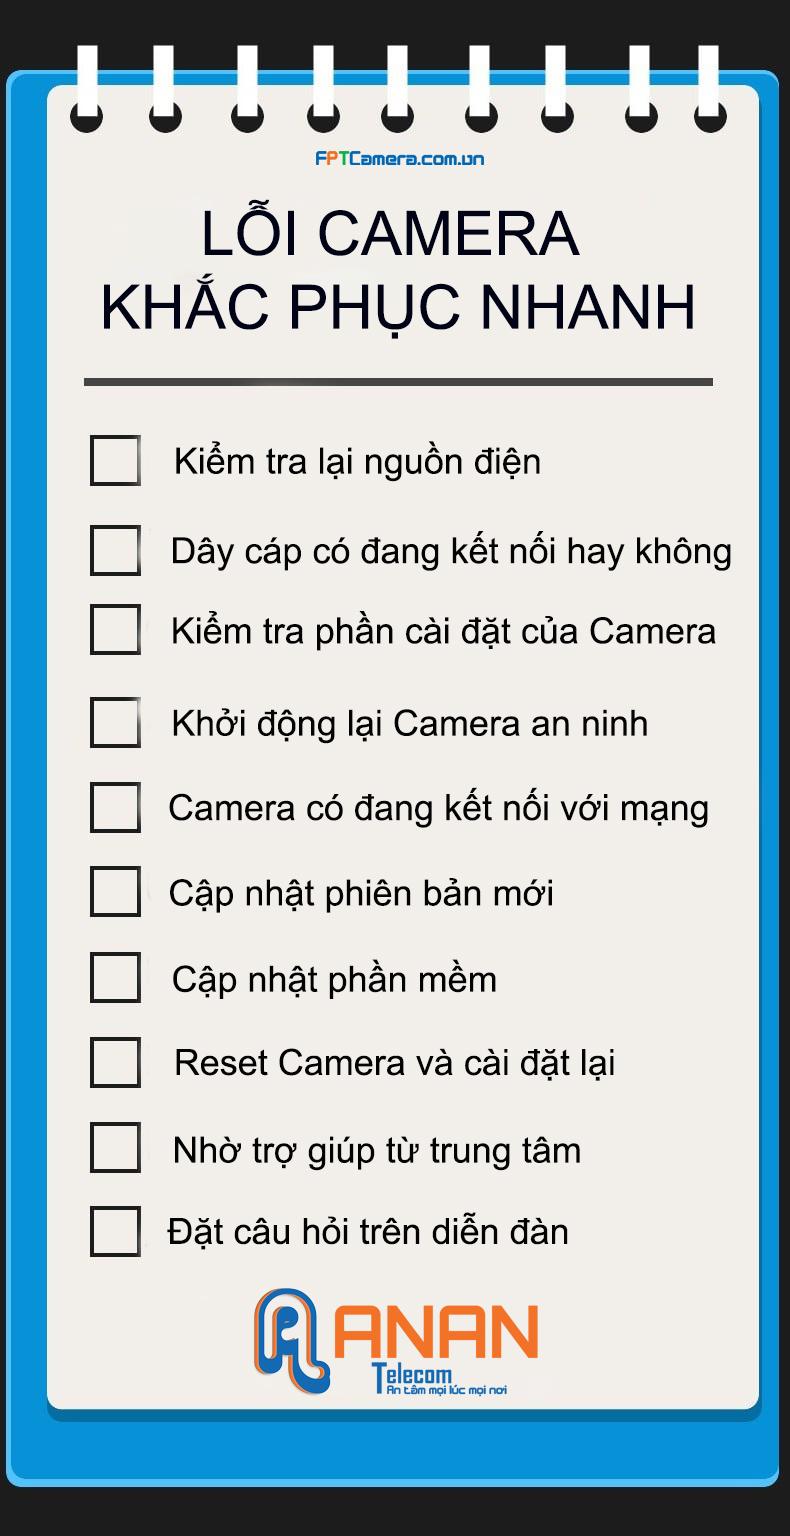 Lỗi camera an ninh và cách khắc phục nhanh